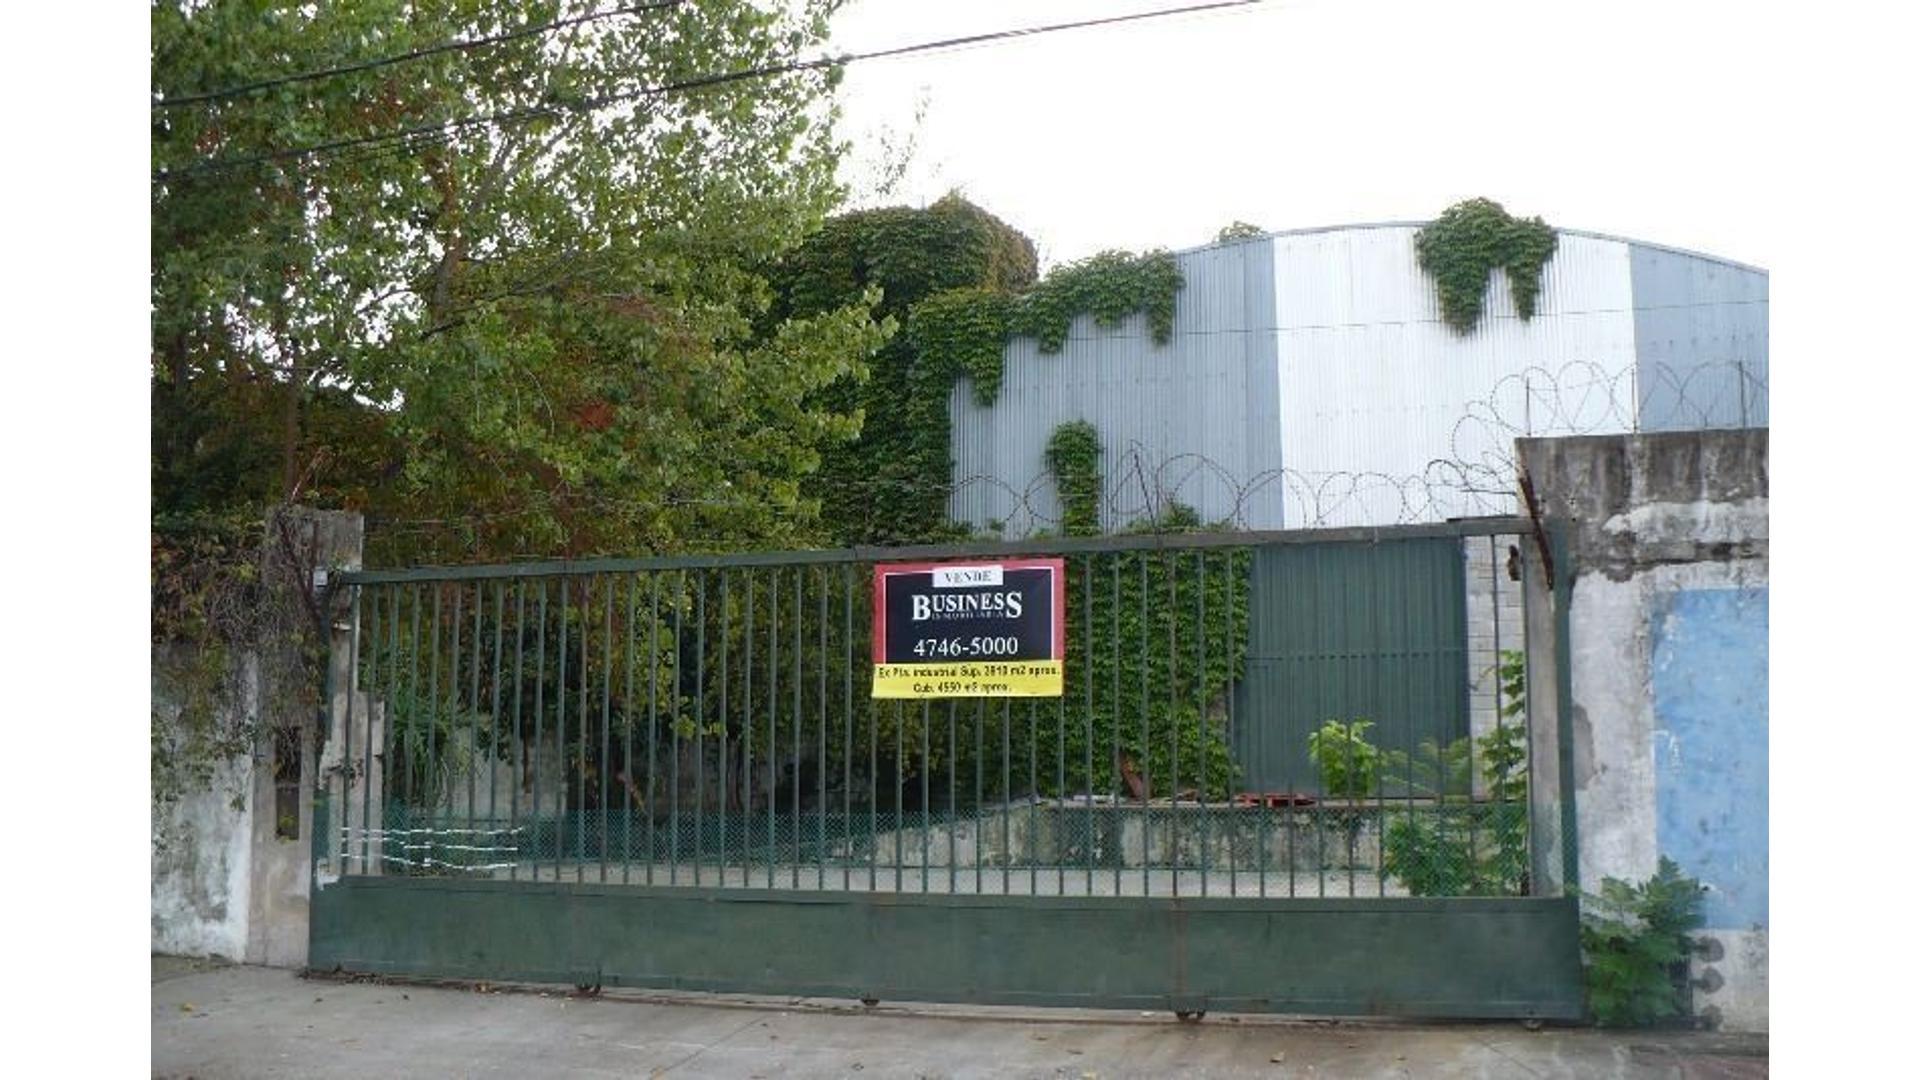 EX PLANTA INDUSTRIAL EN VENTA EN SAN FERNANDO. GALPONES VARIOS Y OFICINAS. OPORTUNIDAD.